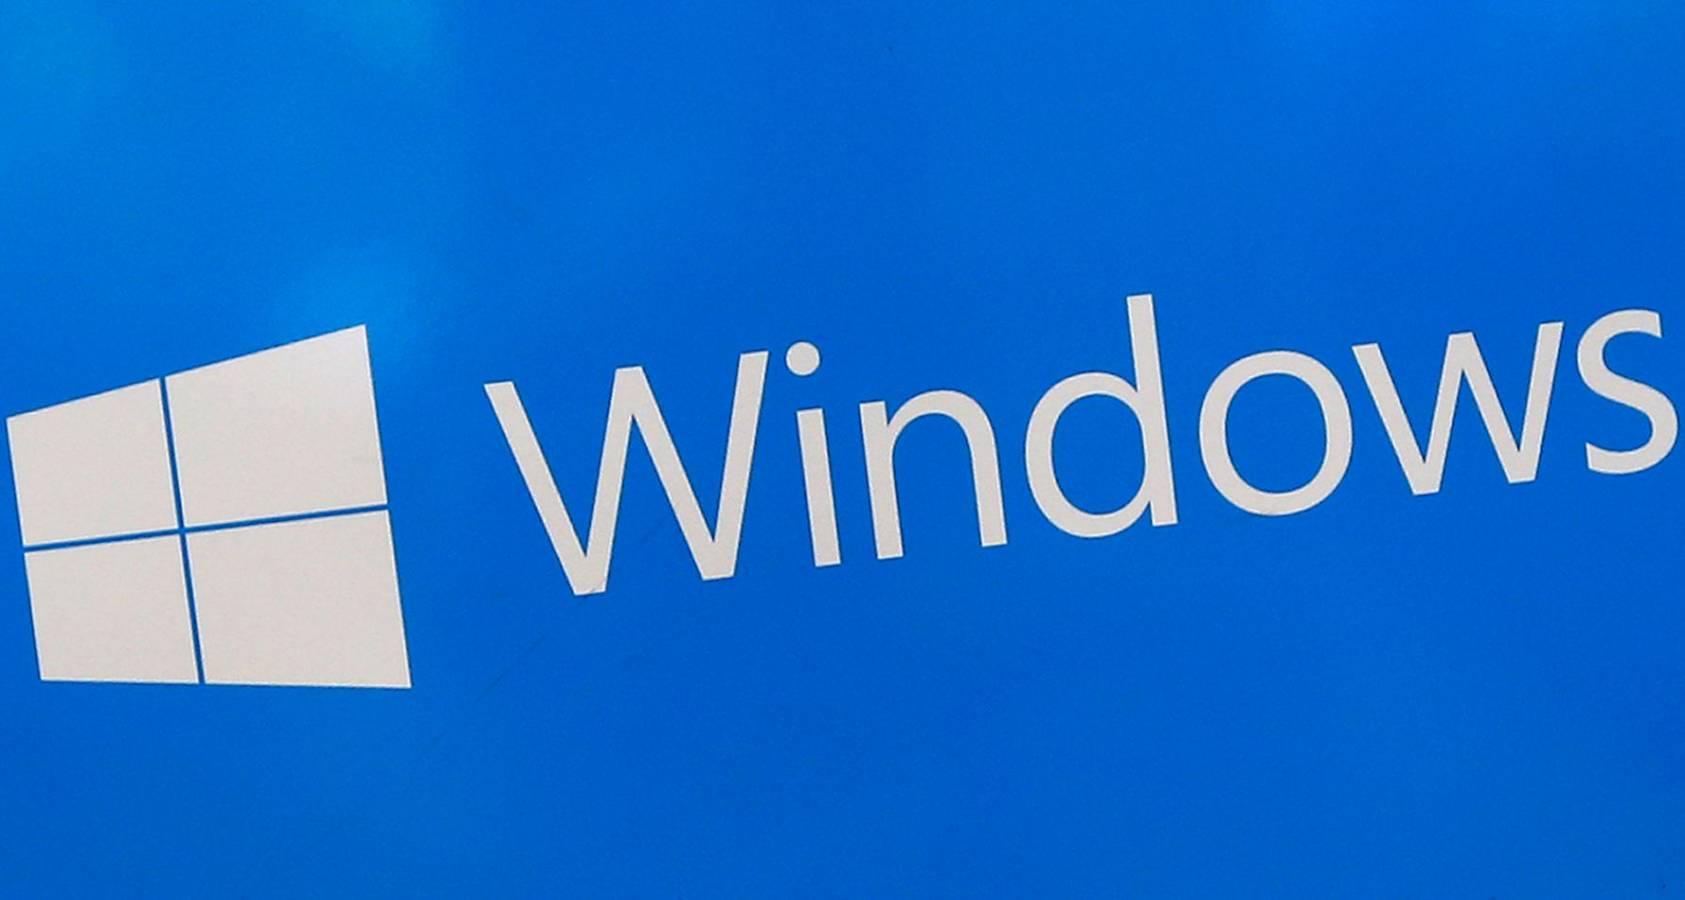 Windows 10 powerlauncher